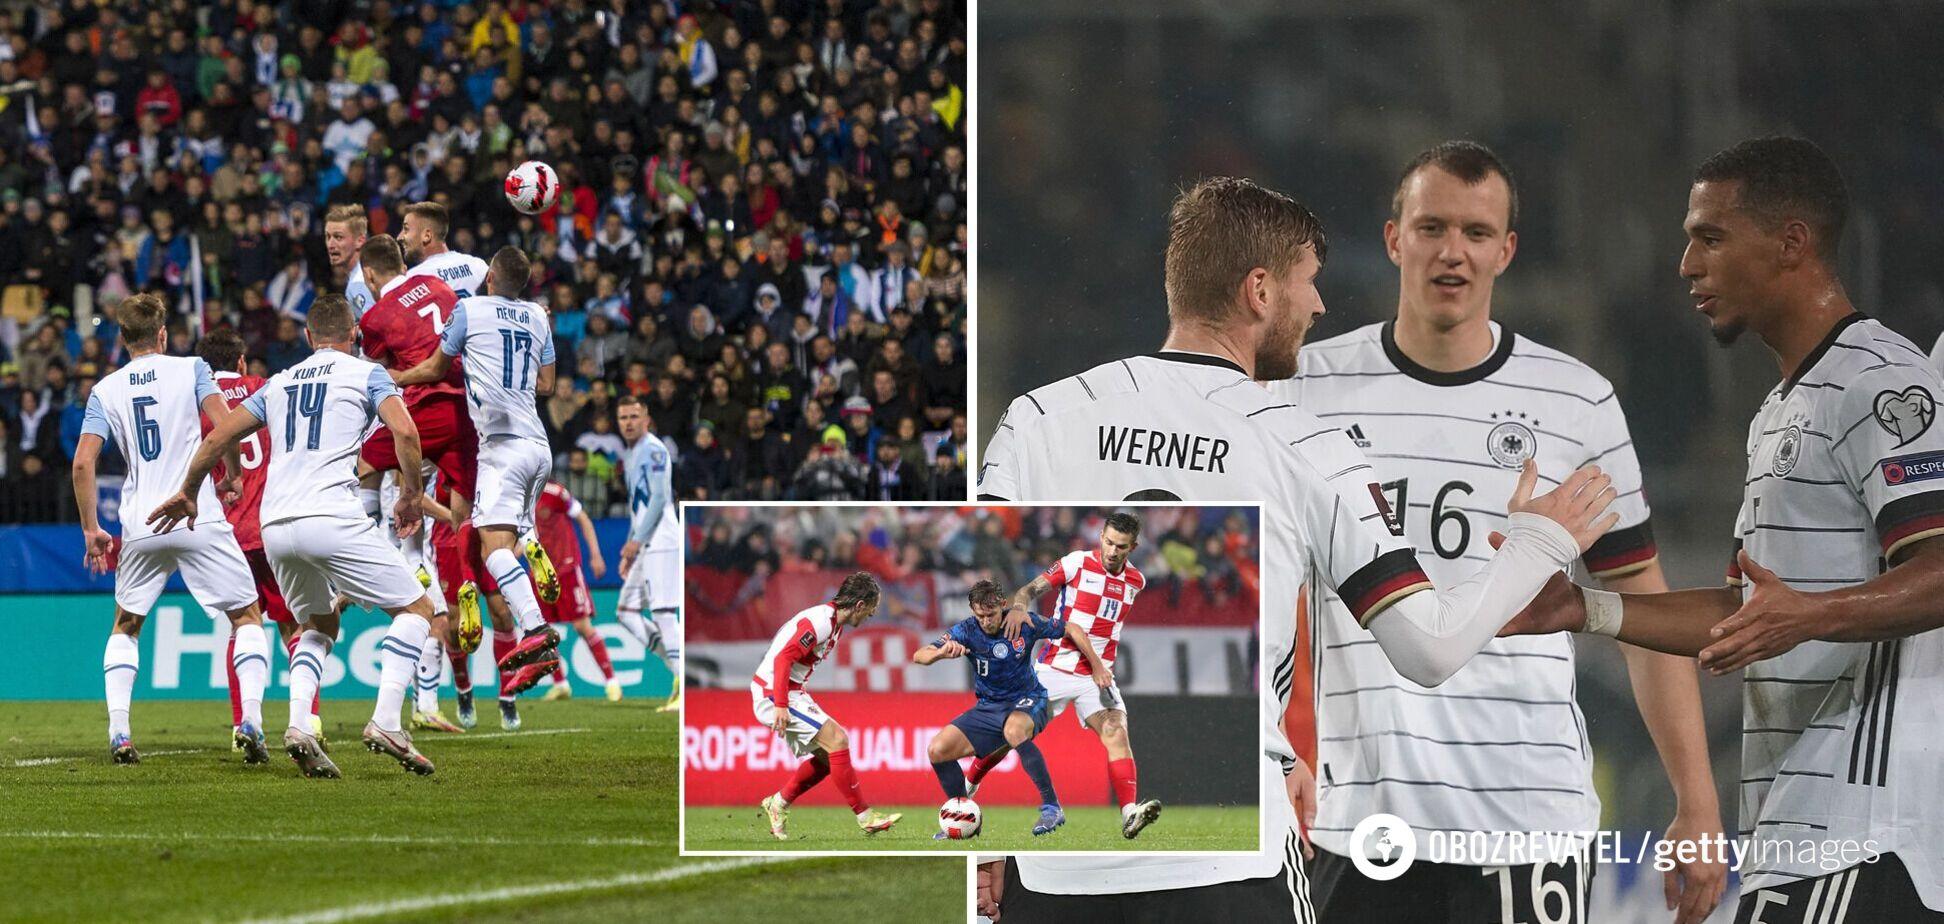 Німеччина виграла групу, Росія перемогла Словенію: результати матчів відбору на ЧС-2022 11 жовтня